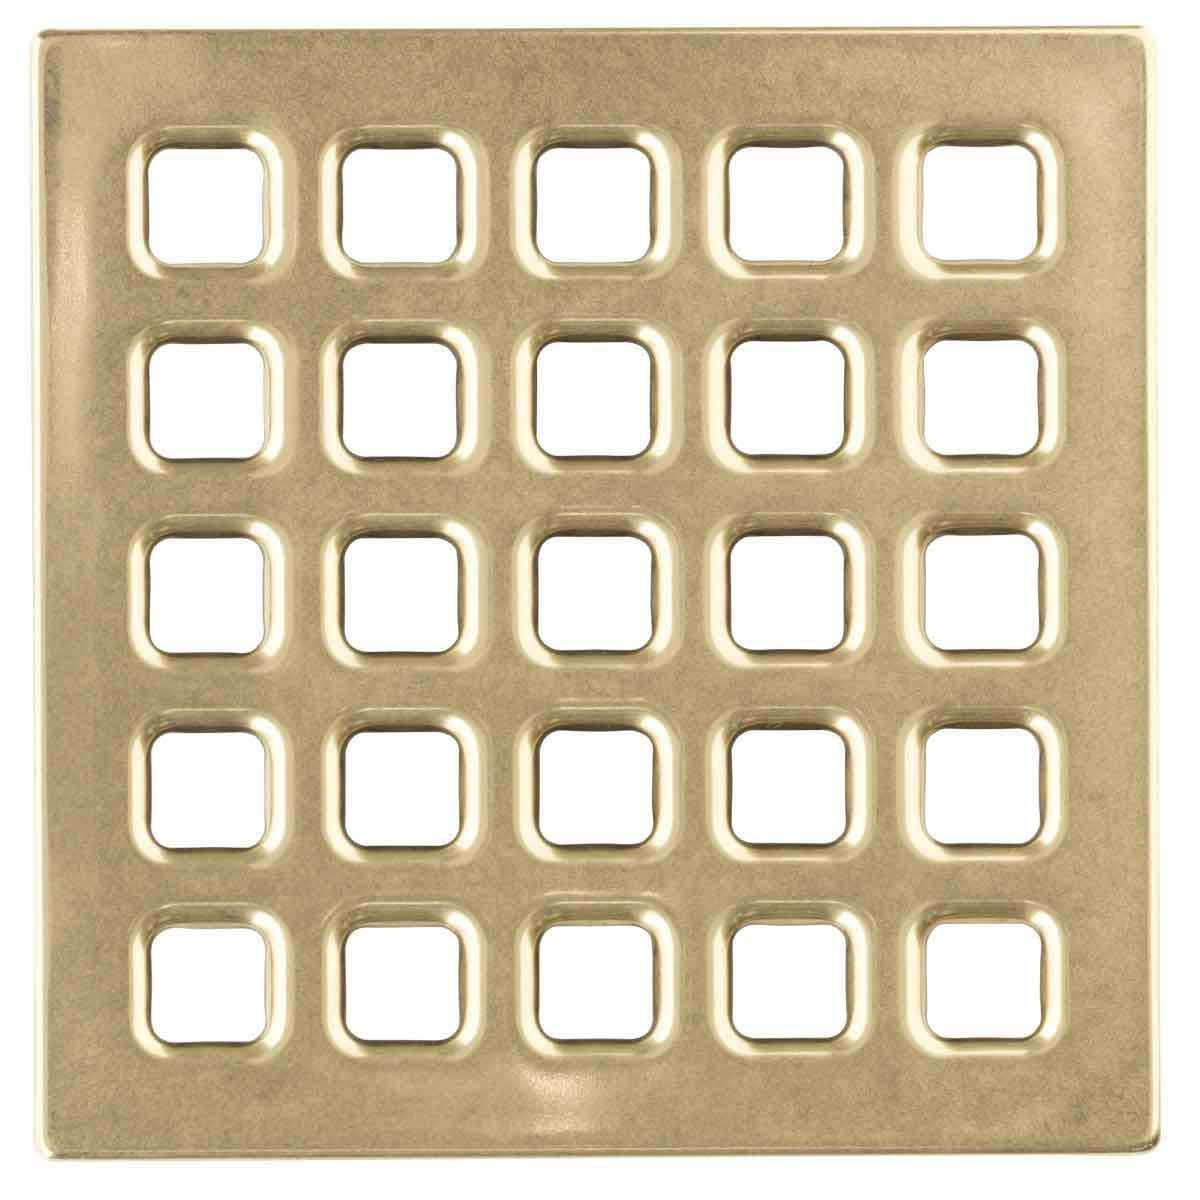 Polished Gold USG Durock Pro Series 5 inch Grate 170177